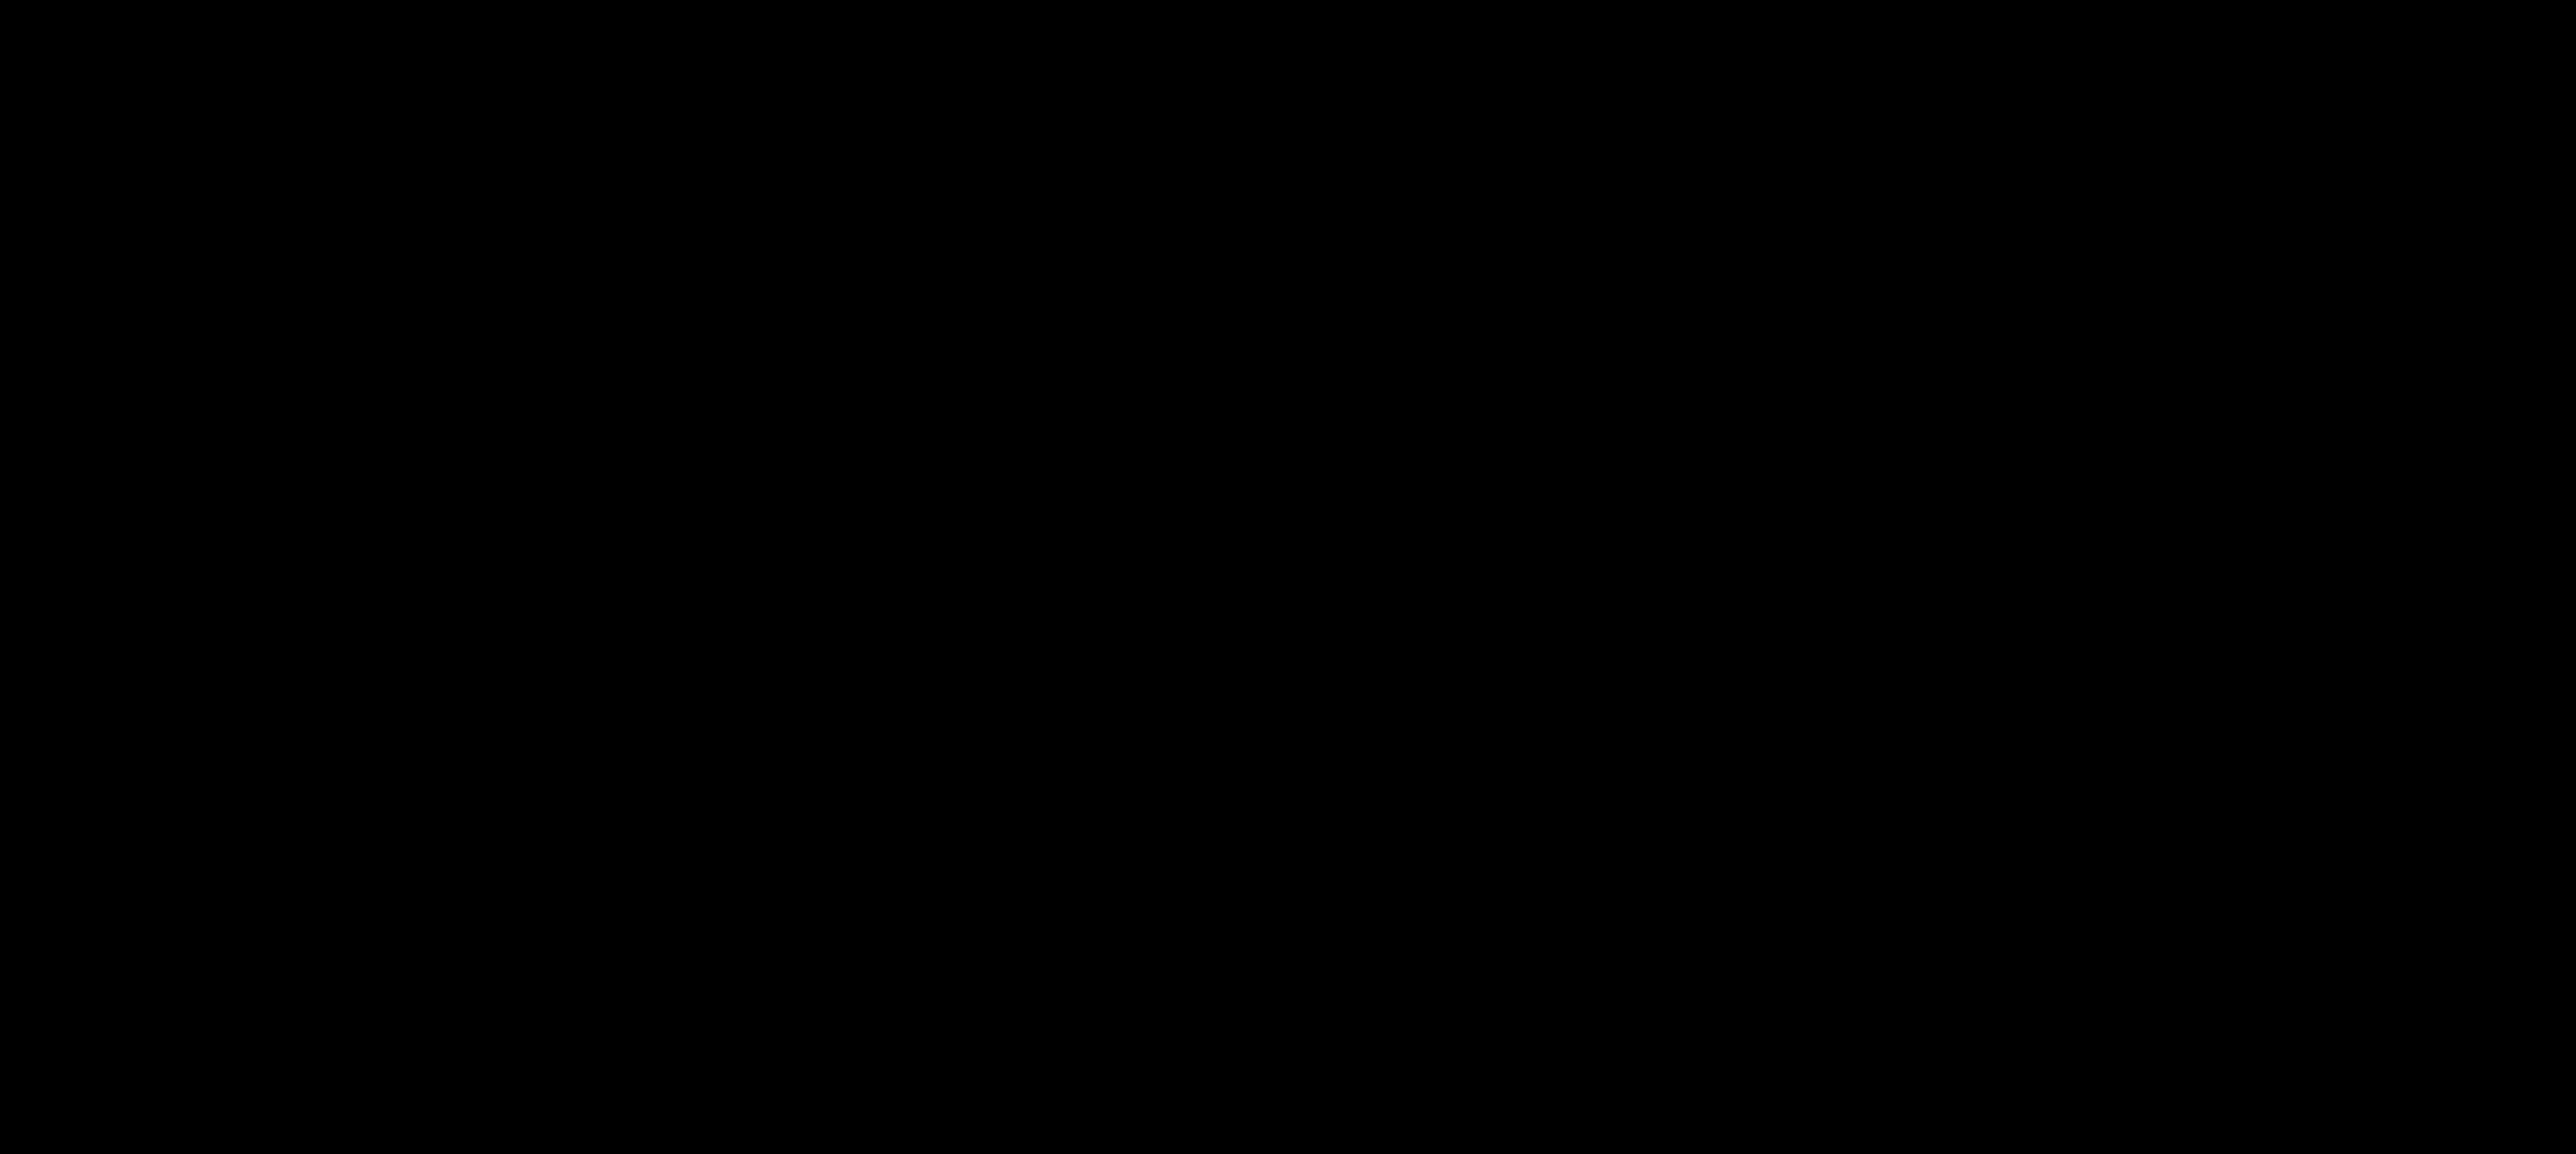 浜田醤油 公式通販サイト 九州醤油を全国へ